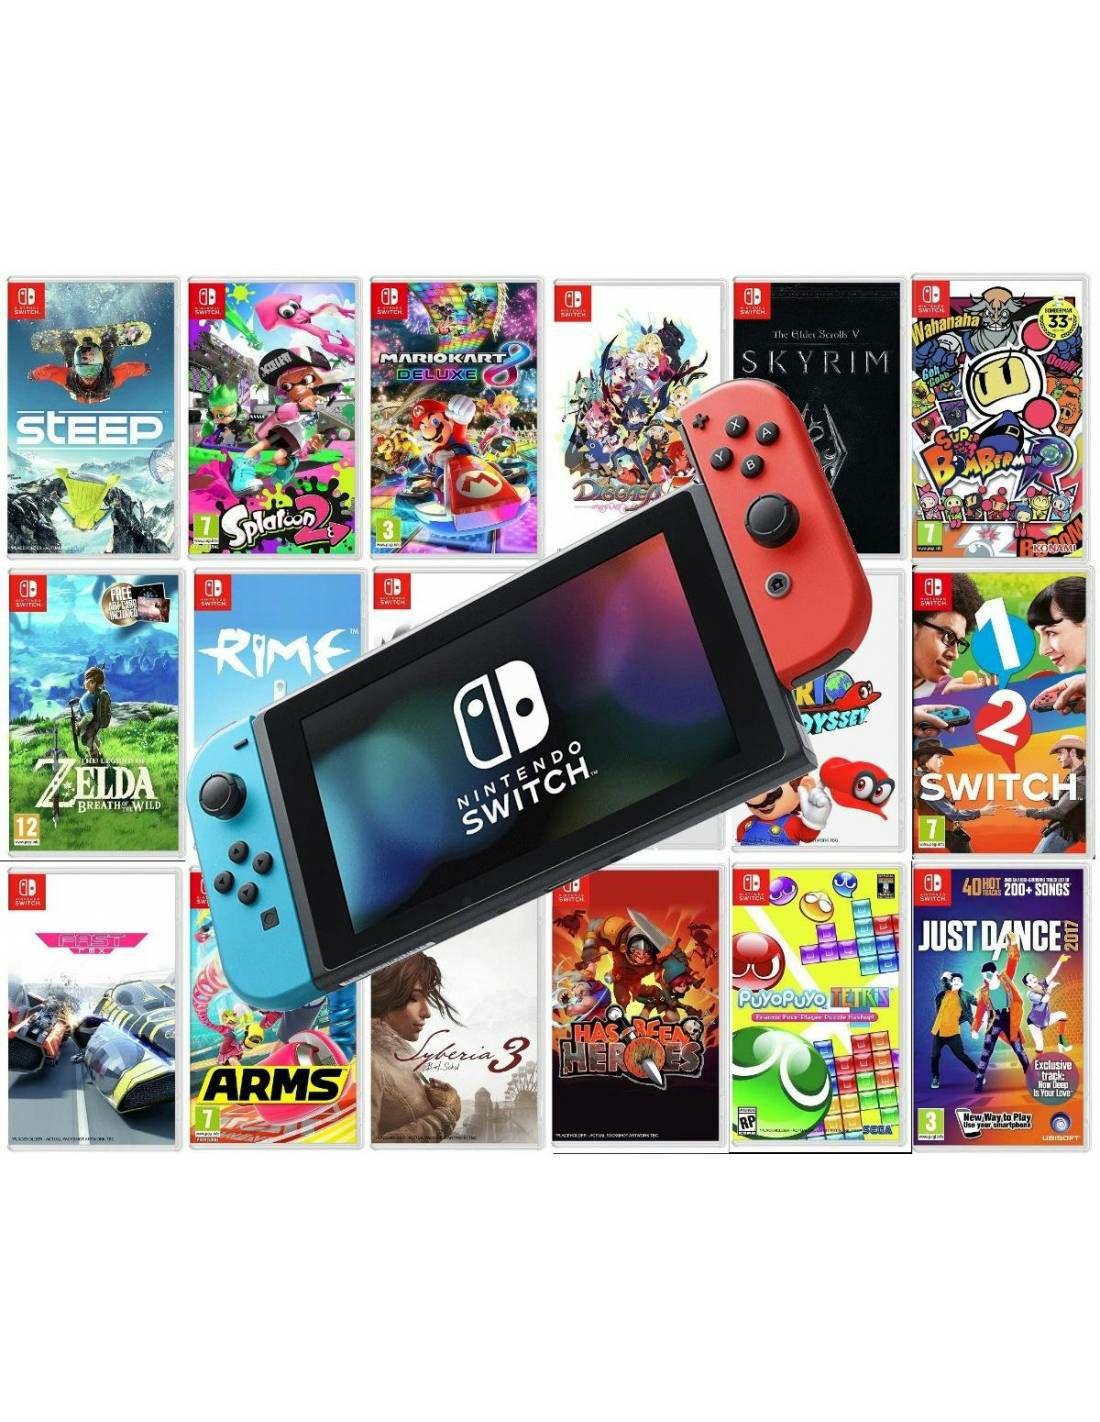 21 Juegos De Nintendo Switch Por Menos De 5€